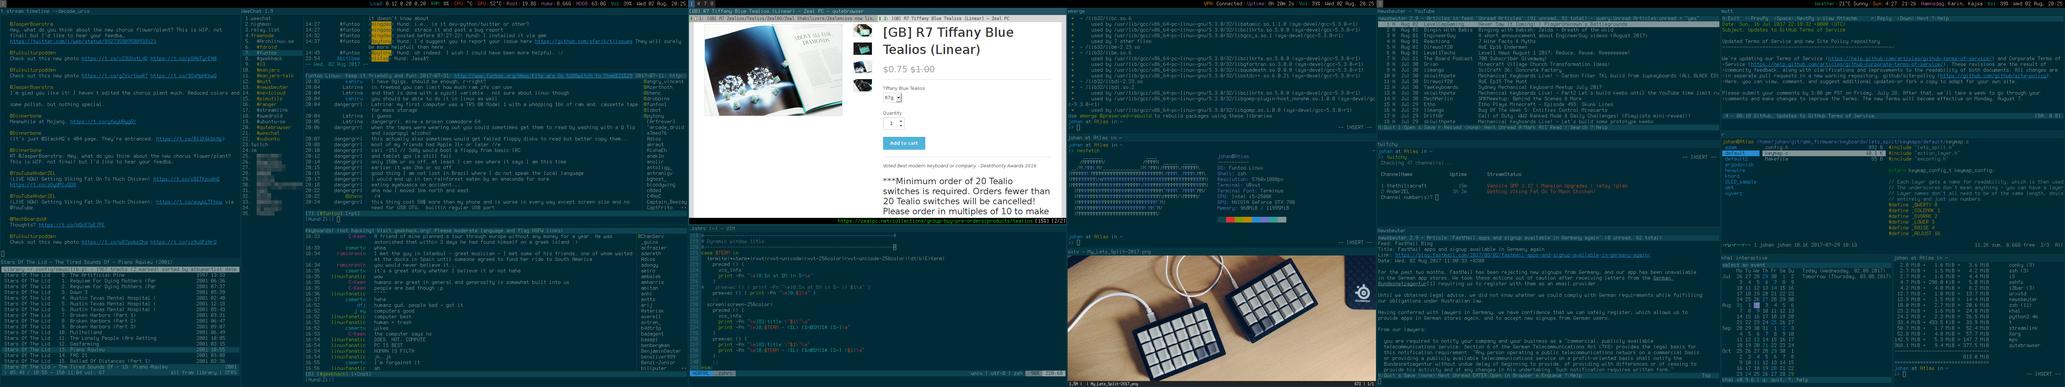 My Desktop - August 2017 by hundone